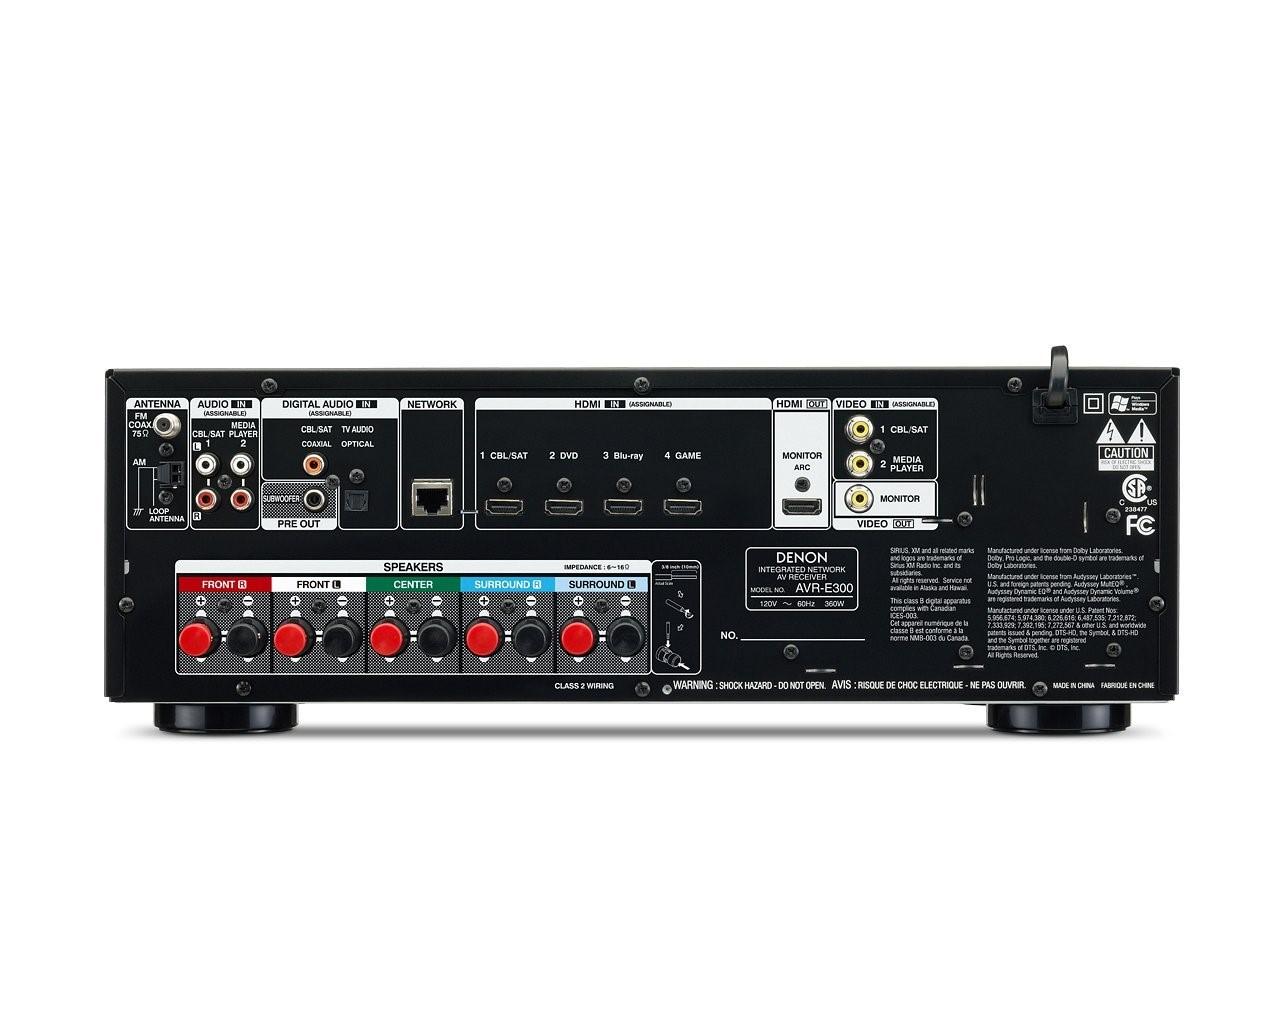 DENON Receiver AVR-E300